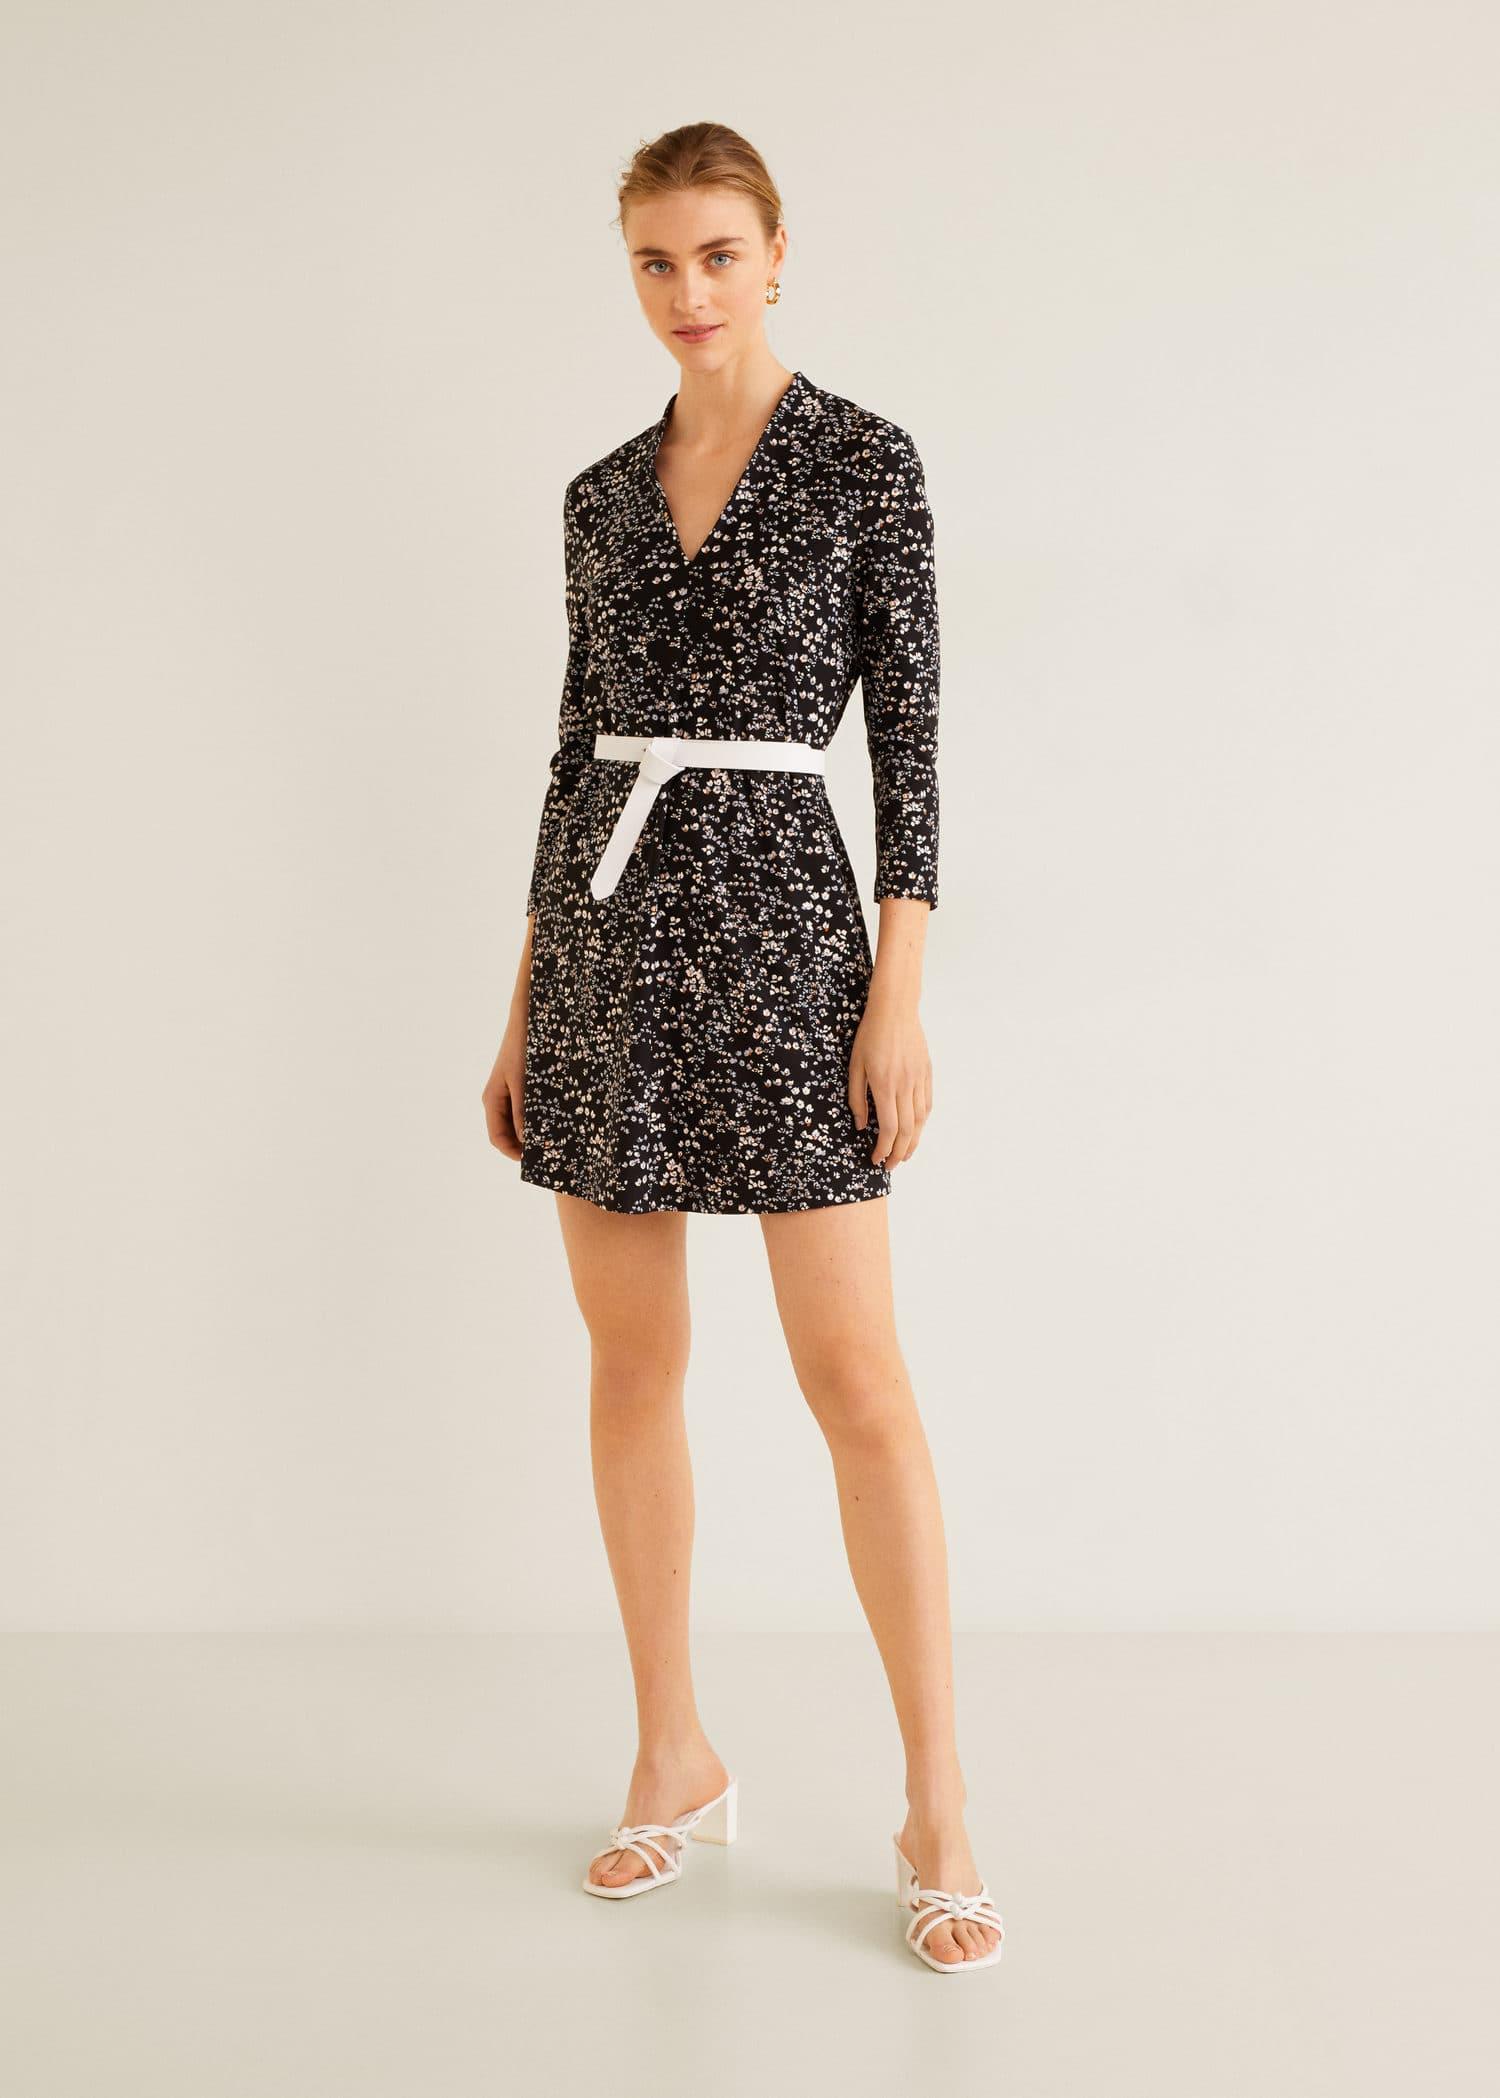 Vêtements 2019Mango Maroc Pour Femme Ac5RLS3jq4